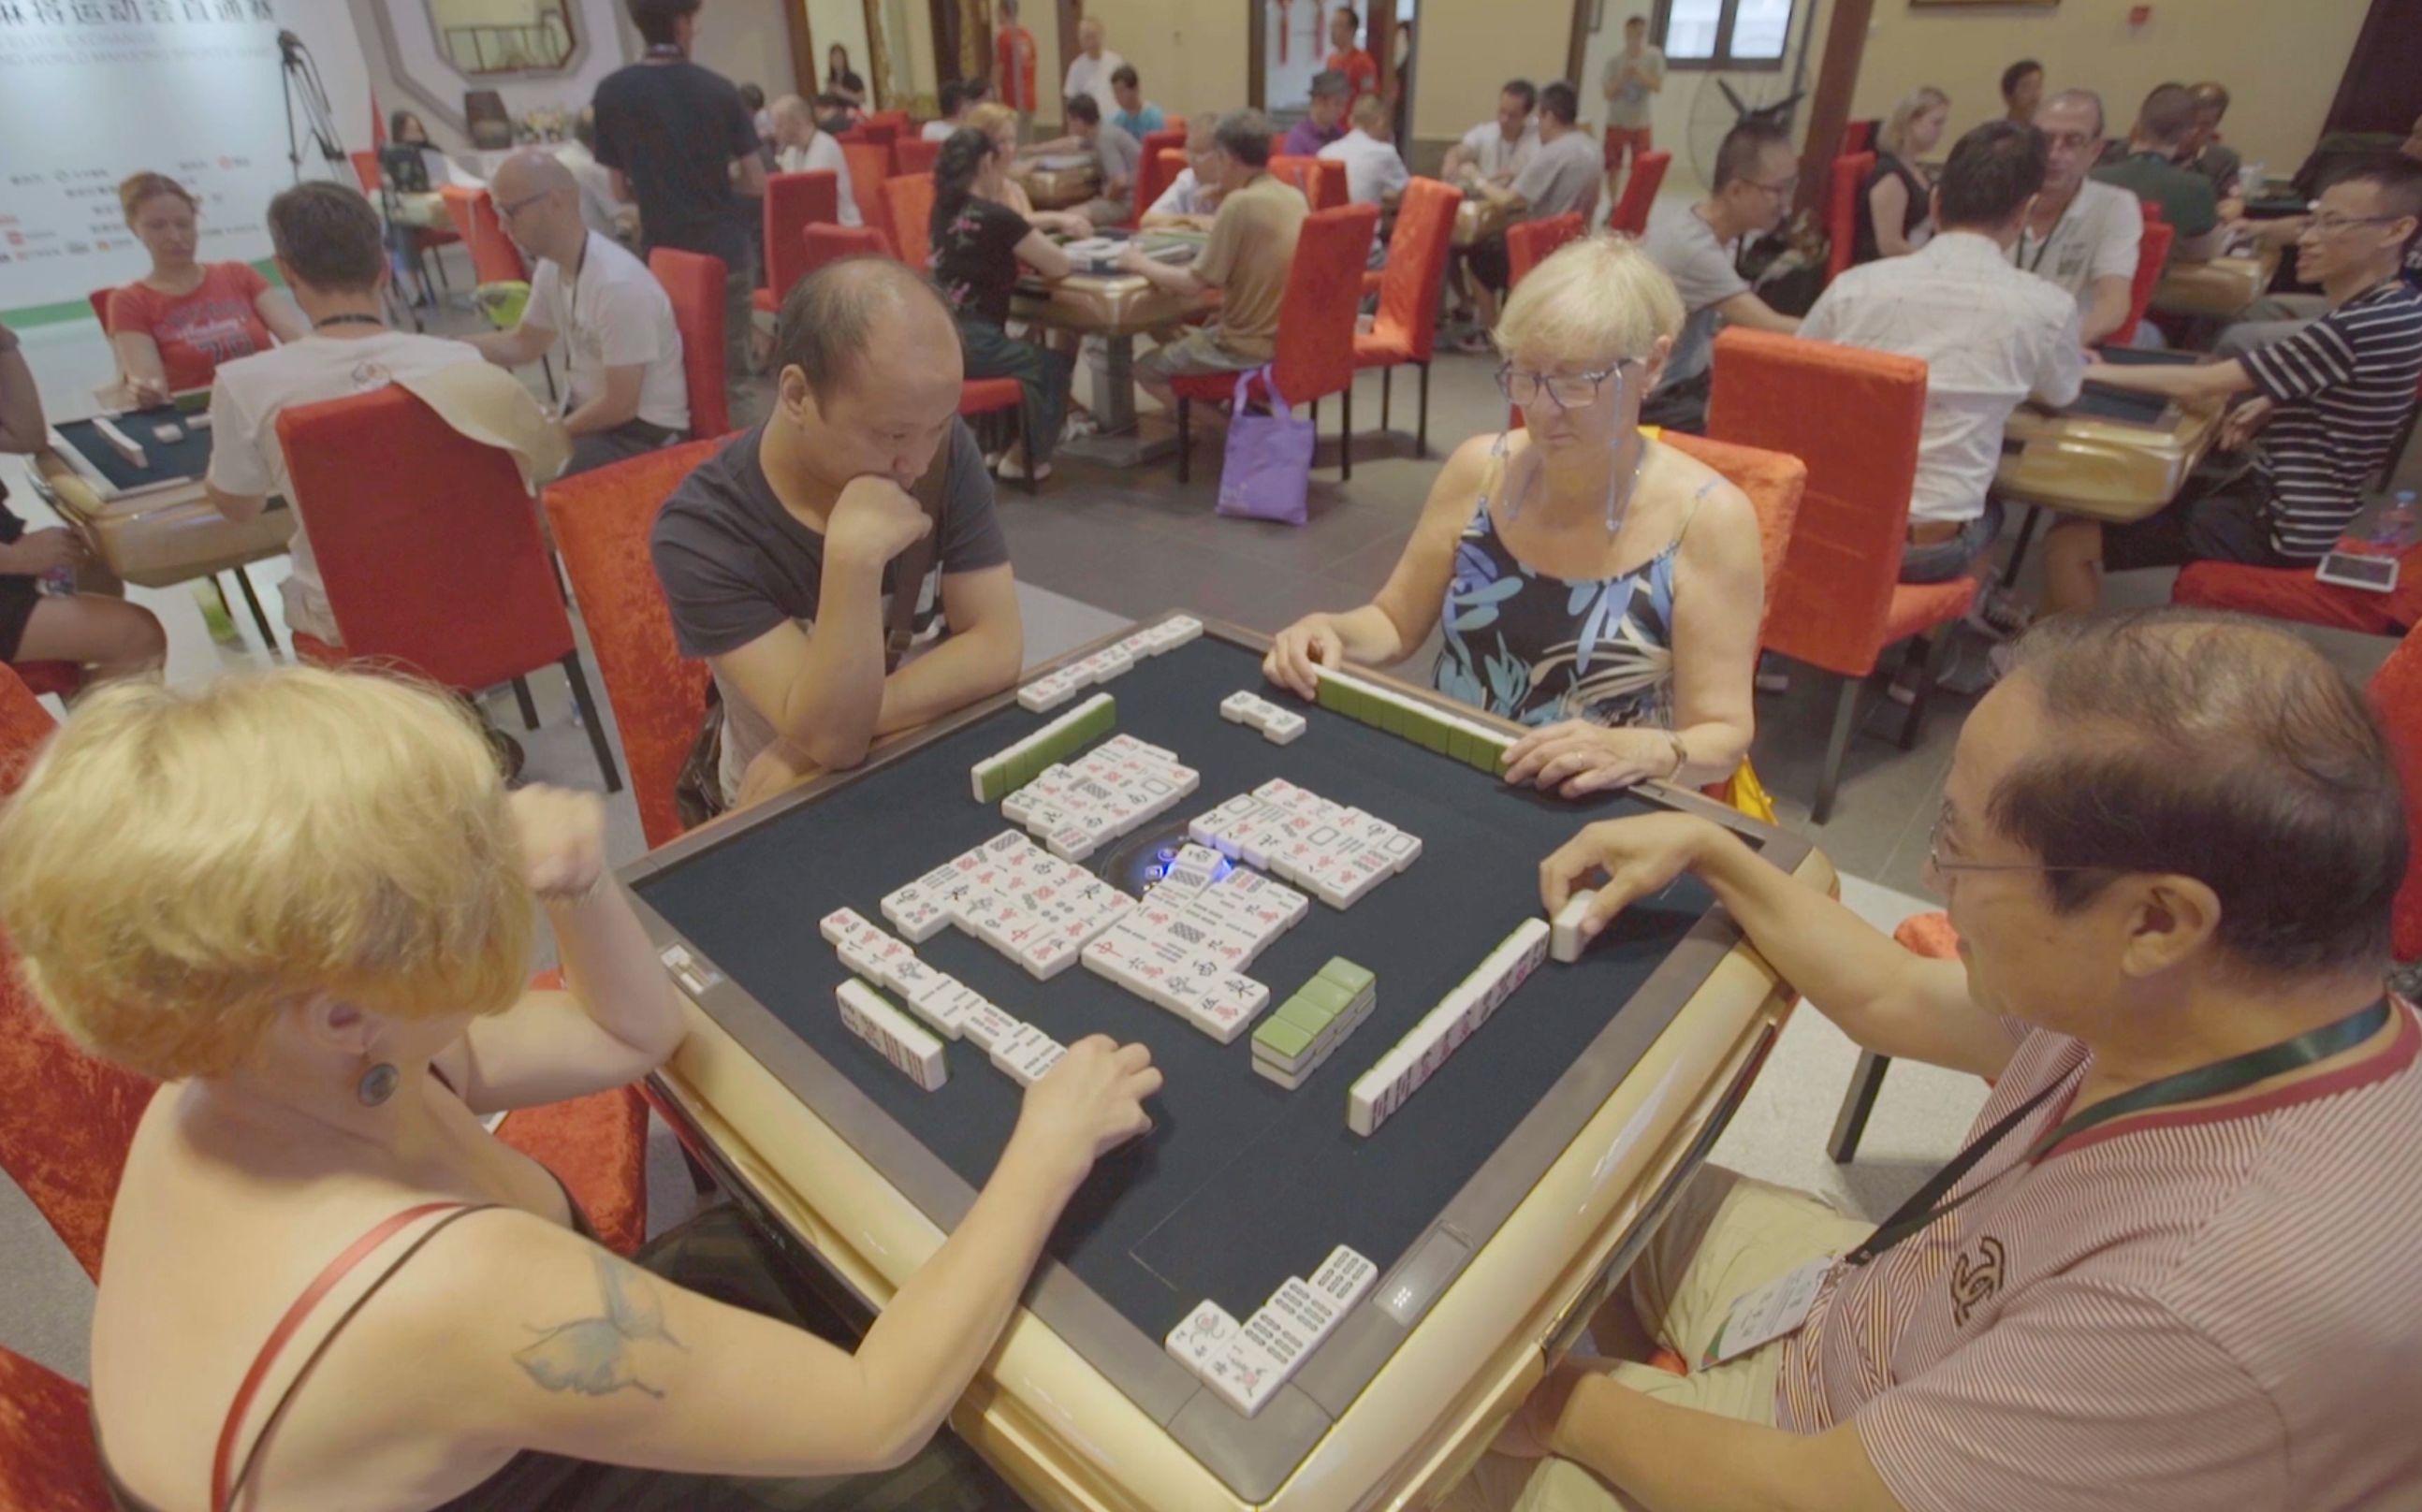 世界麻将大赛,老外对战中国大爷大妈,十三幺也不一定能赢